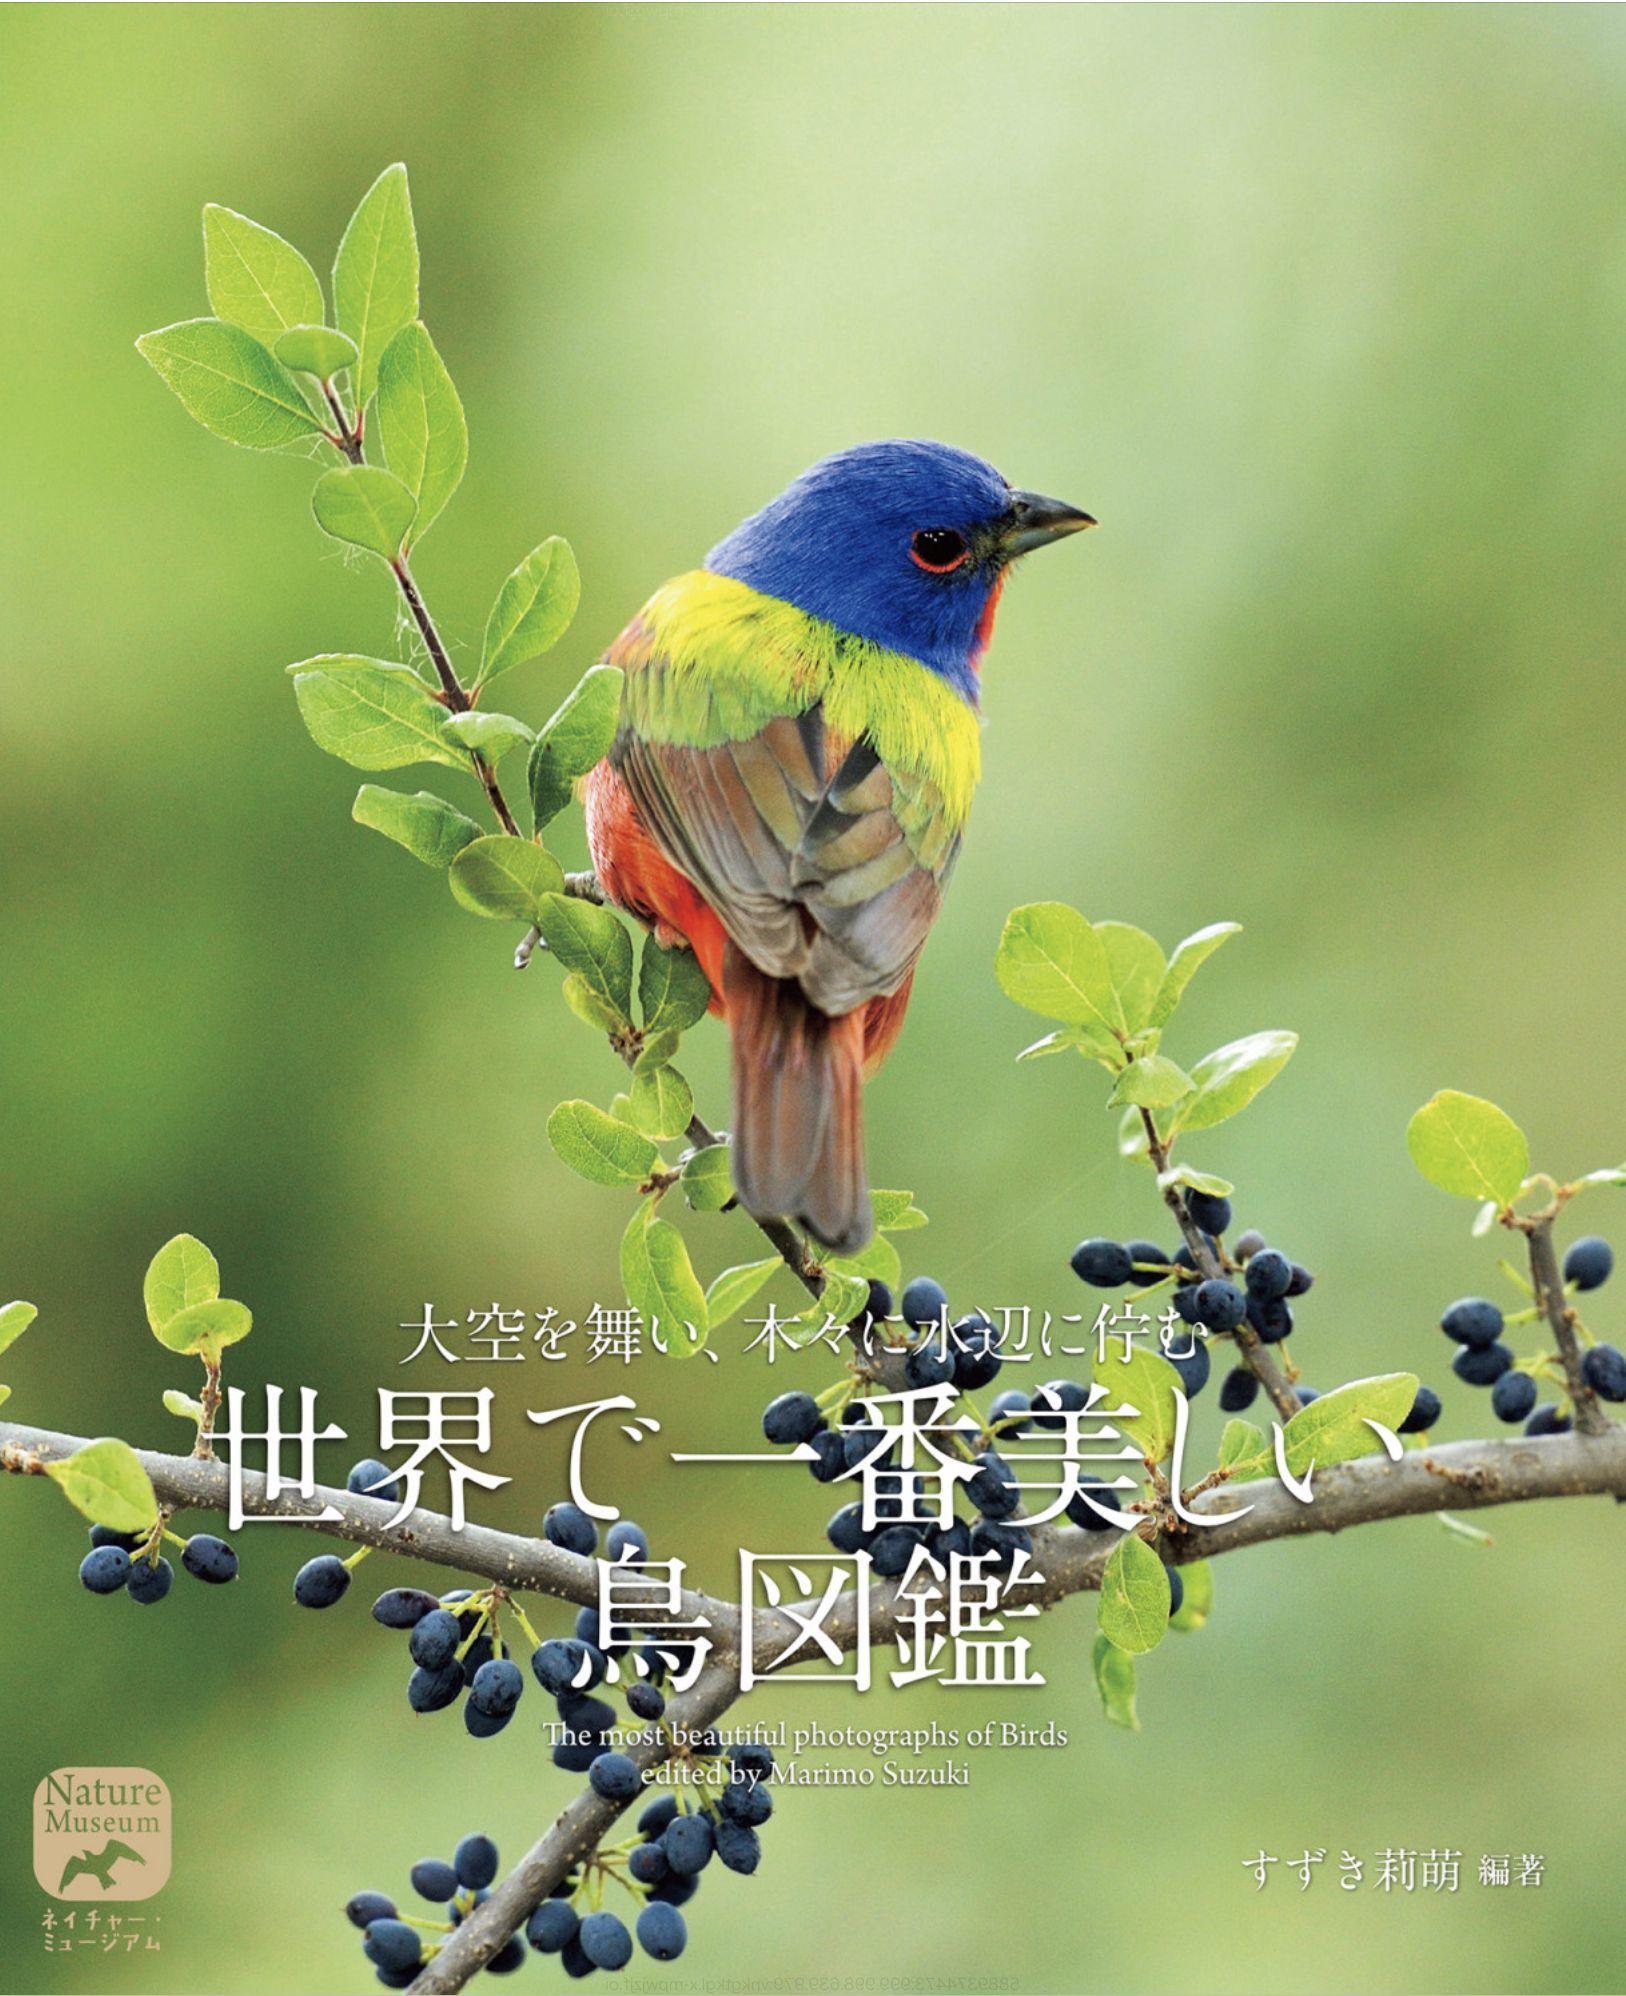 昼からずっと雨でも「世界で一番美しい鳥図鑑」で癒やされました_c0025115_00072118.jpg